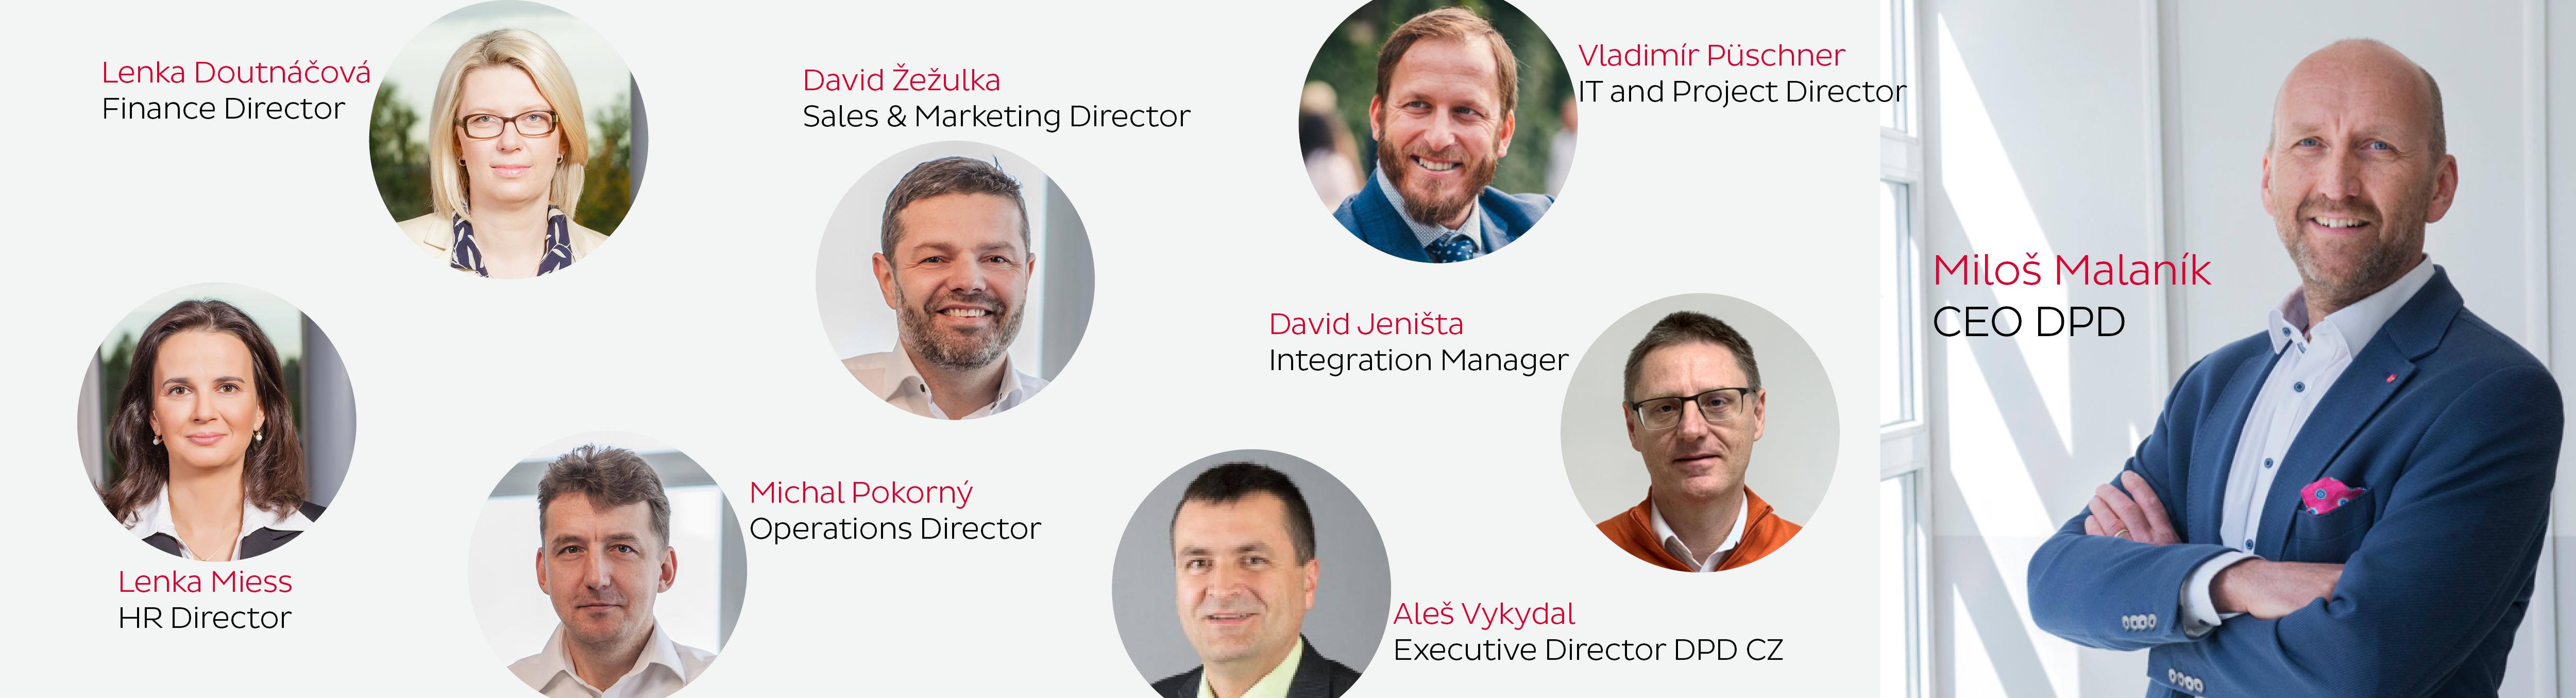 top-management-web